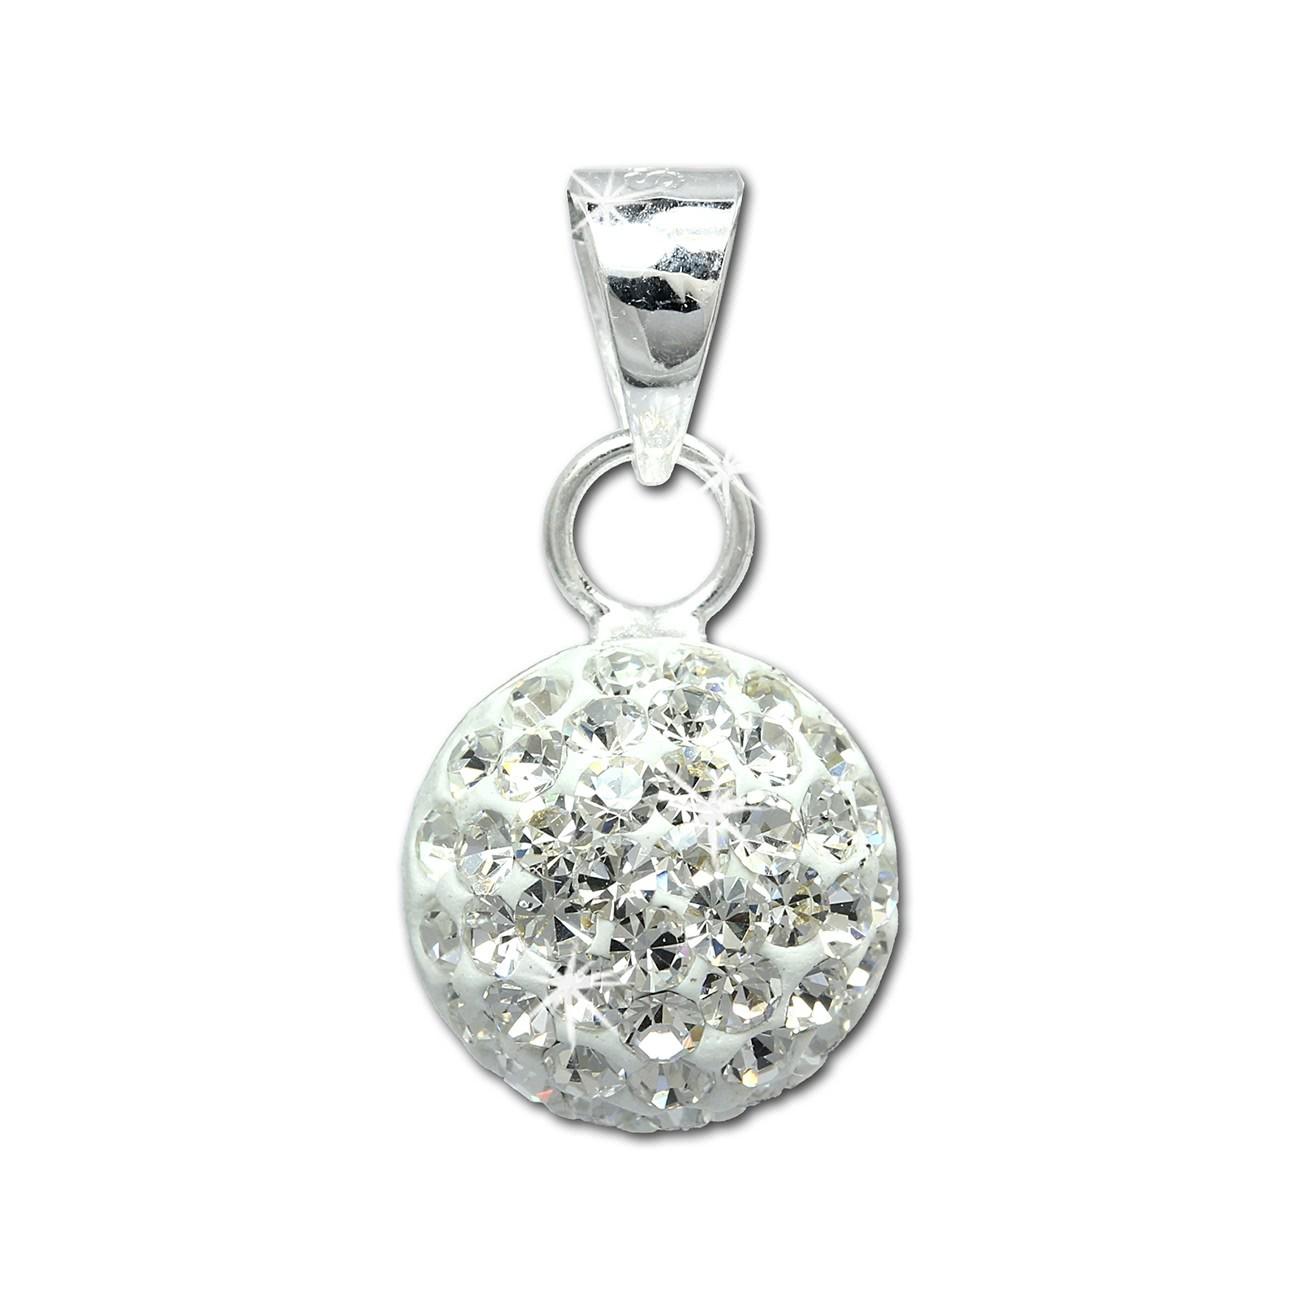 SilberDream Glitzer Anhänger rund Zirkonia Kristall weiß 925 GSH206W